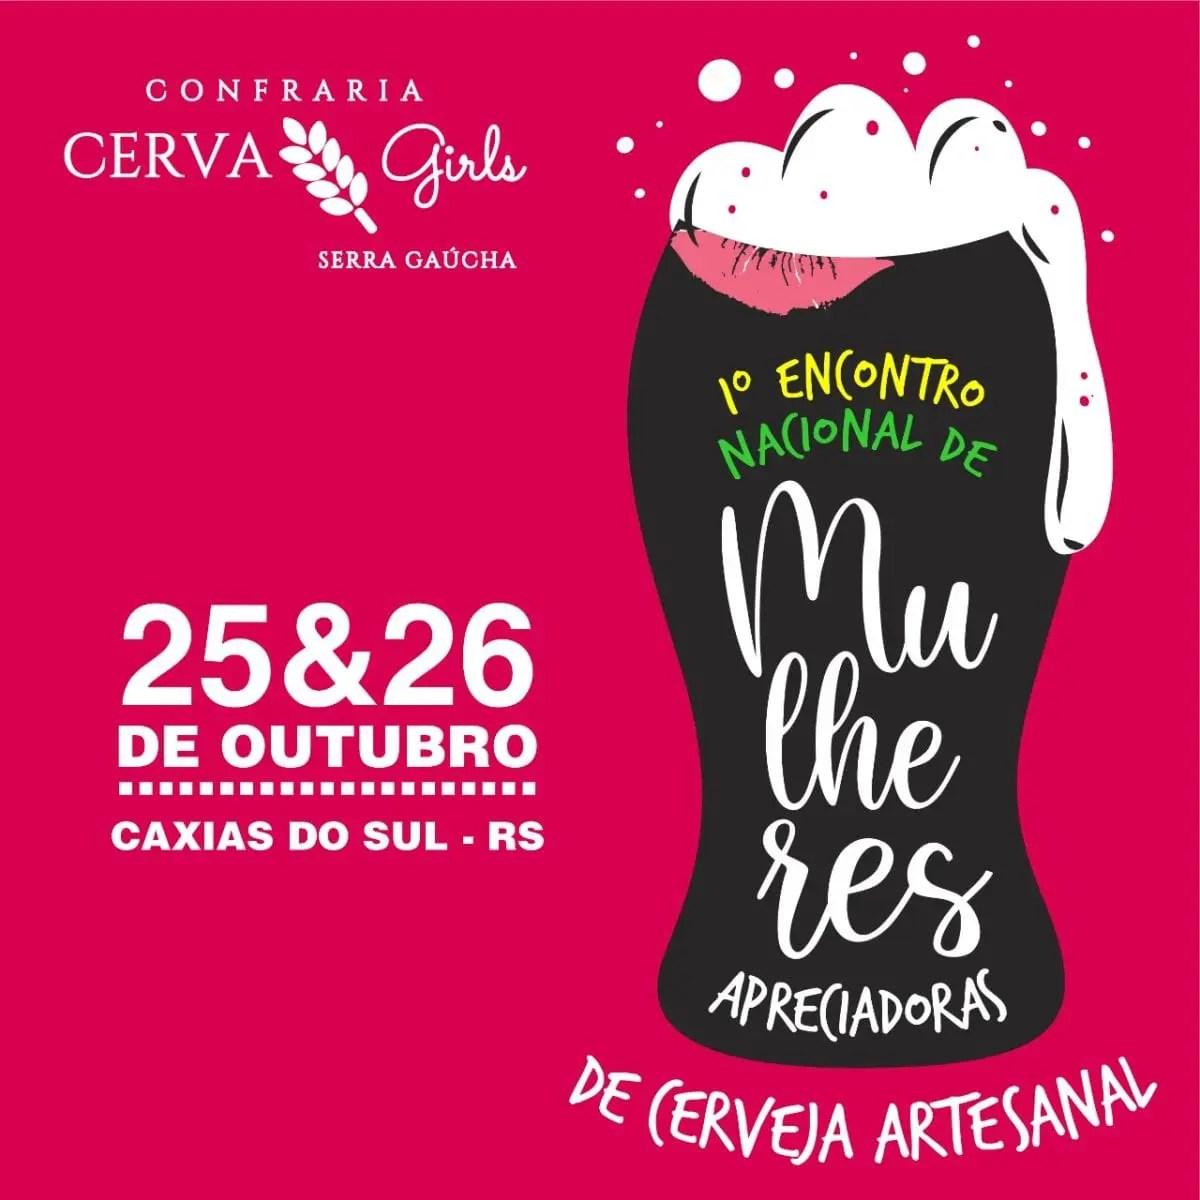 Caxias do Sul recebe 1º Encontro Nacional de Mulheres Apreciadoras de Cerveja Artesanal